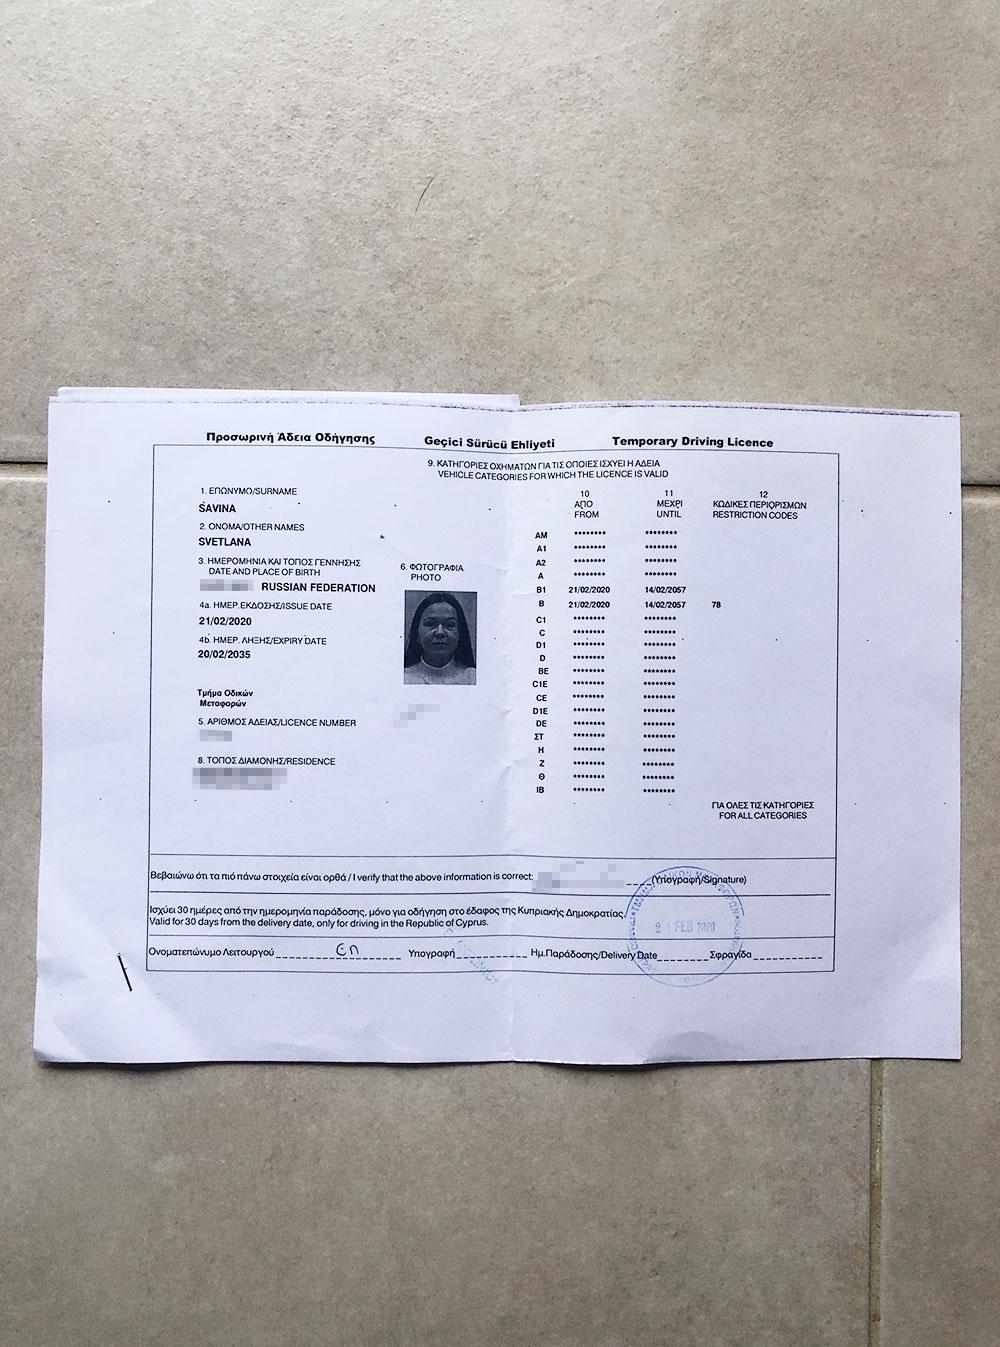 Временное водительское удостоверение. Оно дает право водить машину, однако сделать страховку на машину проще с пластиковой карточкой